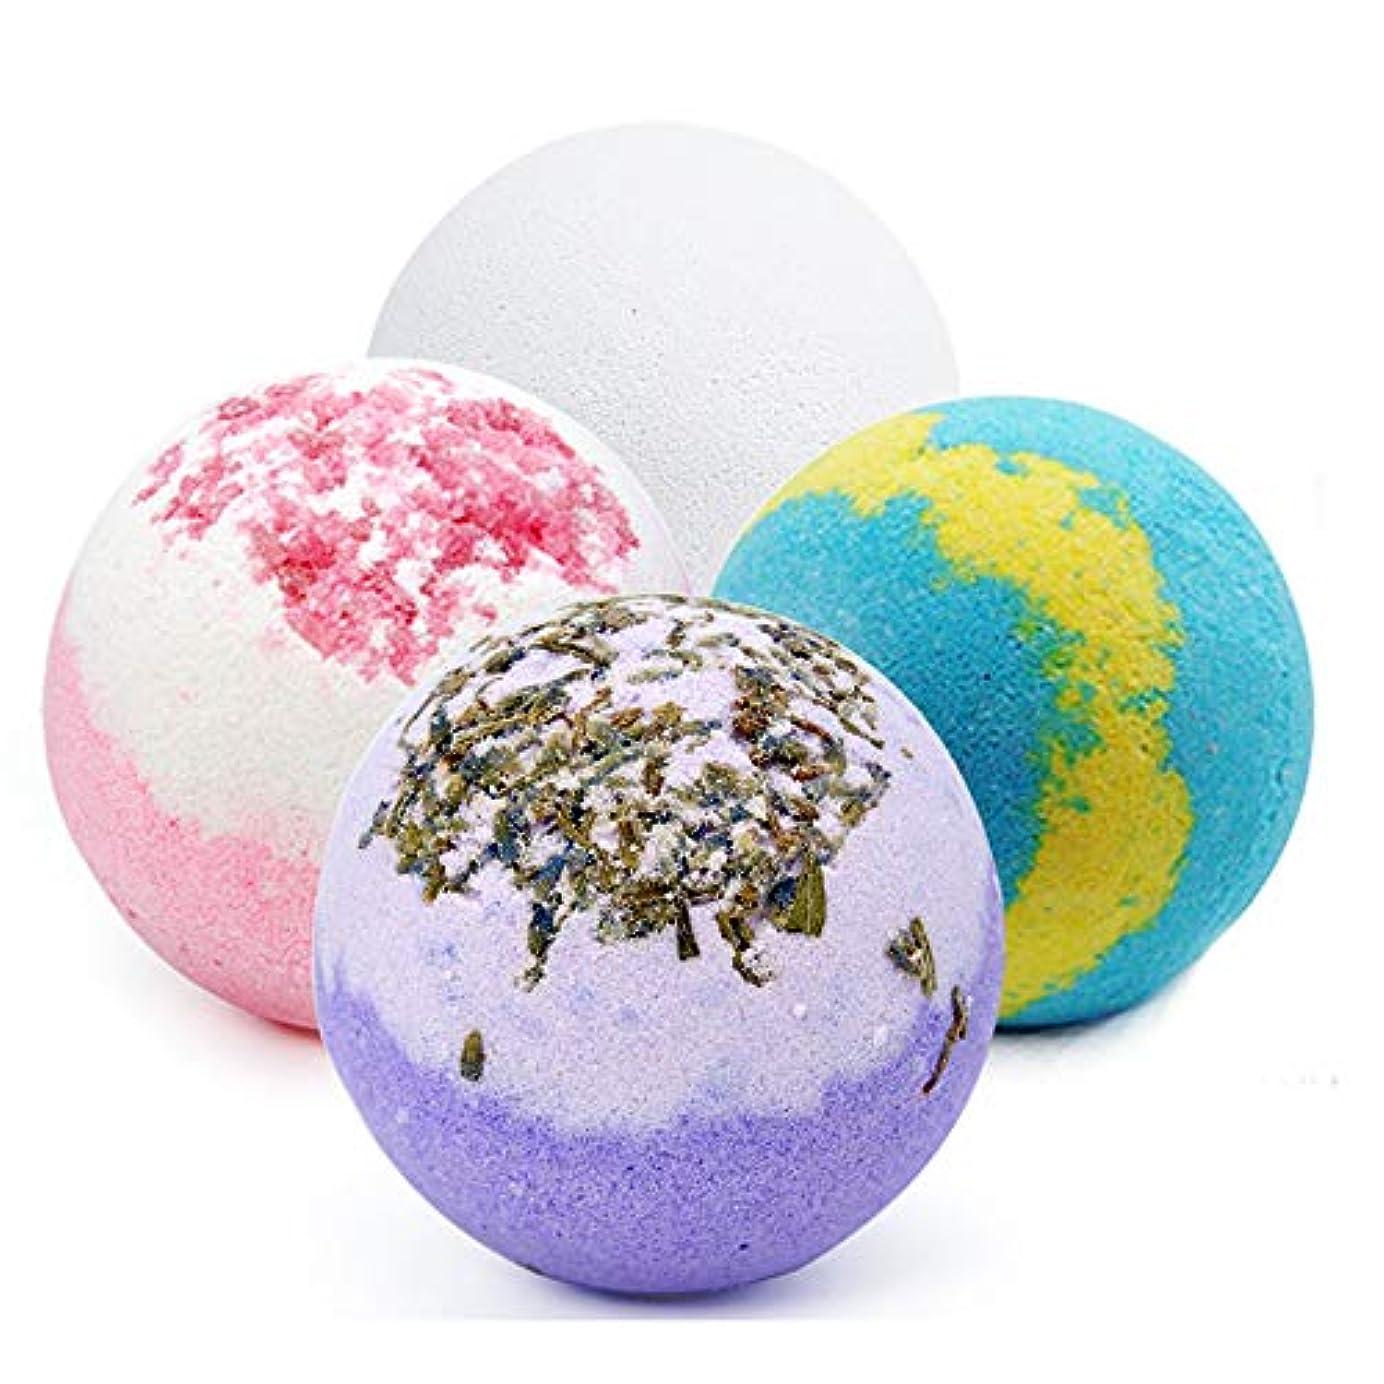 床聞く強化するバスボム 入浴剤 炭酸 バスボール 6つの香り 手作り 入浴料 うるおいプラス お風呂用 入浴剤 ギフトセット4枚 プレゼント最適